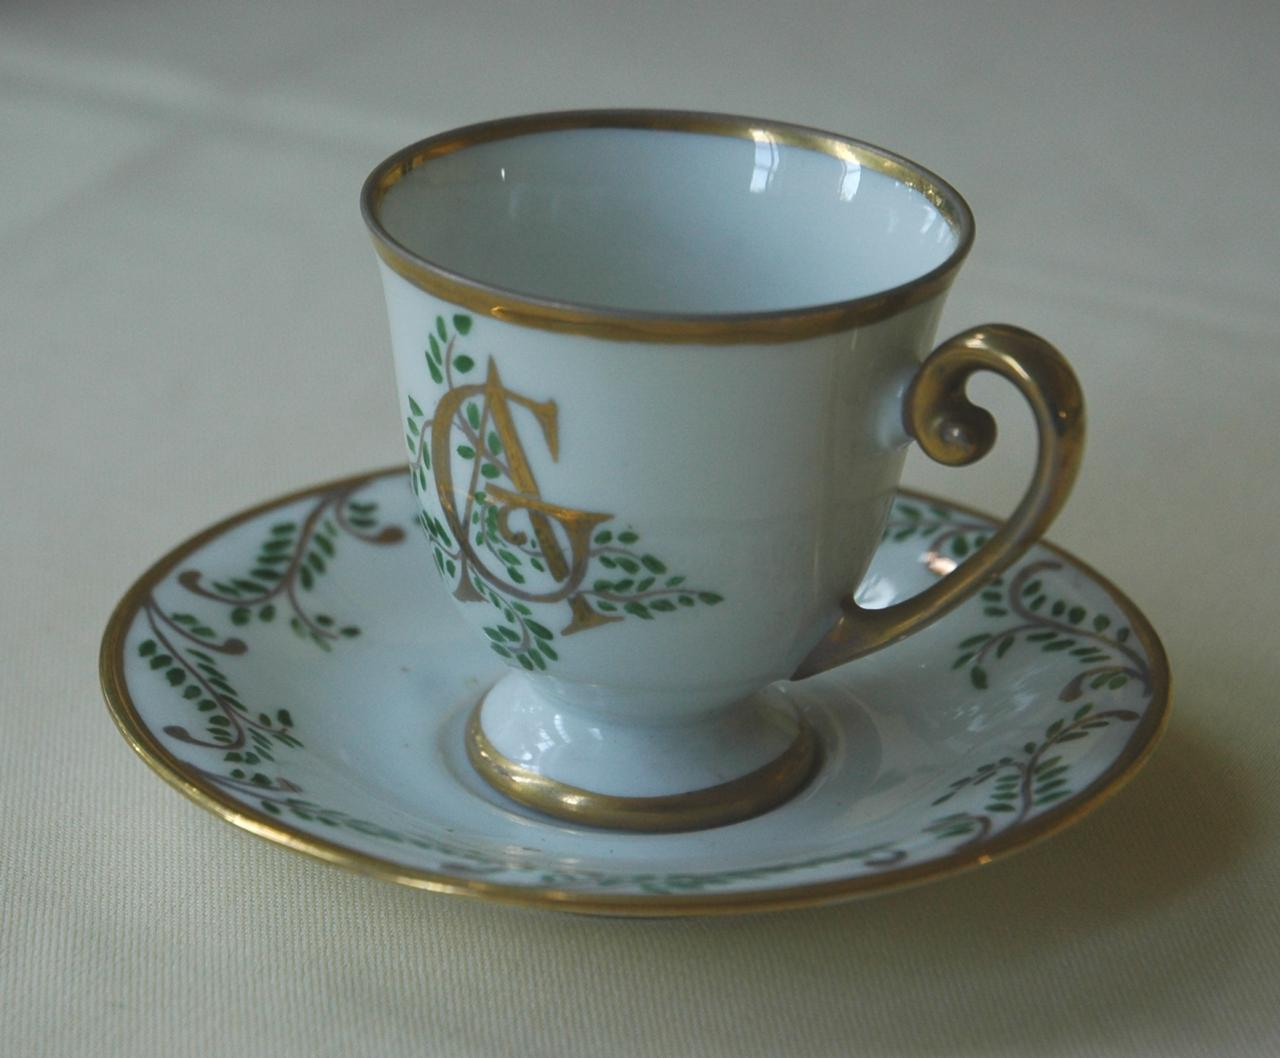 D coration sur porcelaine for Decoration sur porcelaine